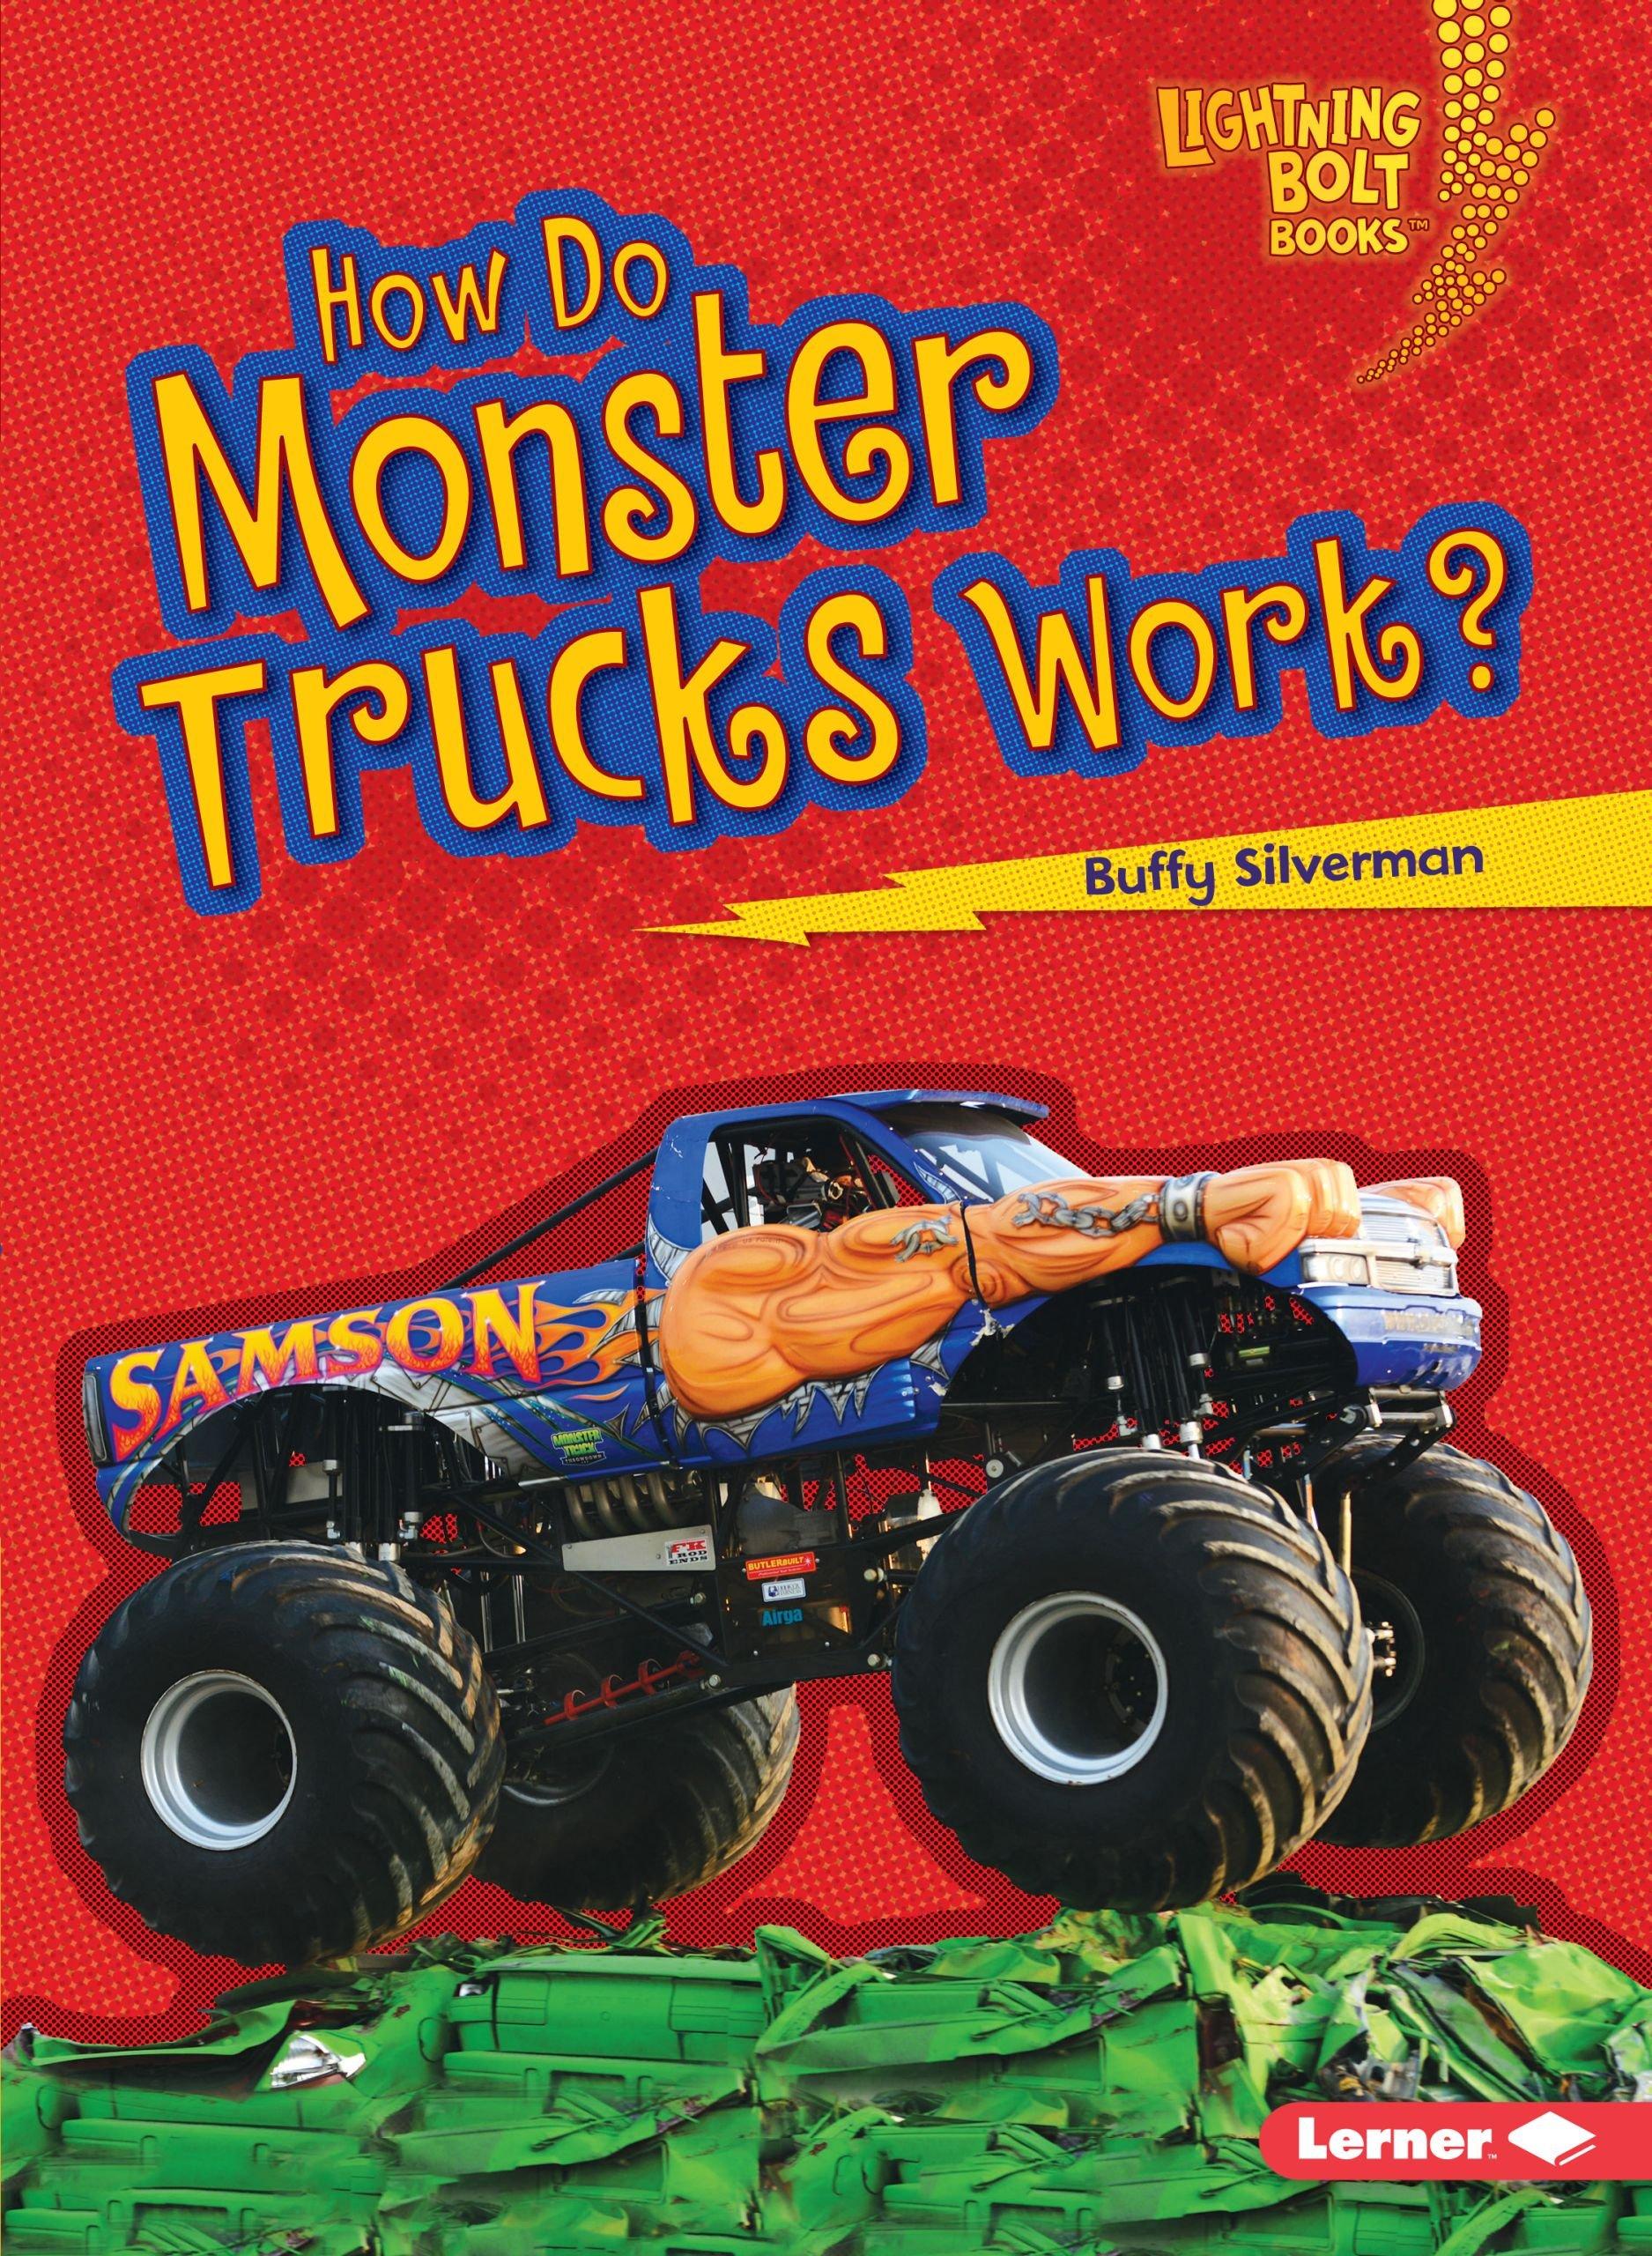 Monster Trucks Work Lightning Books product image